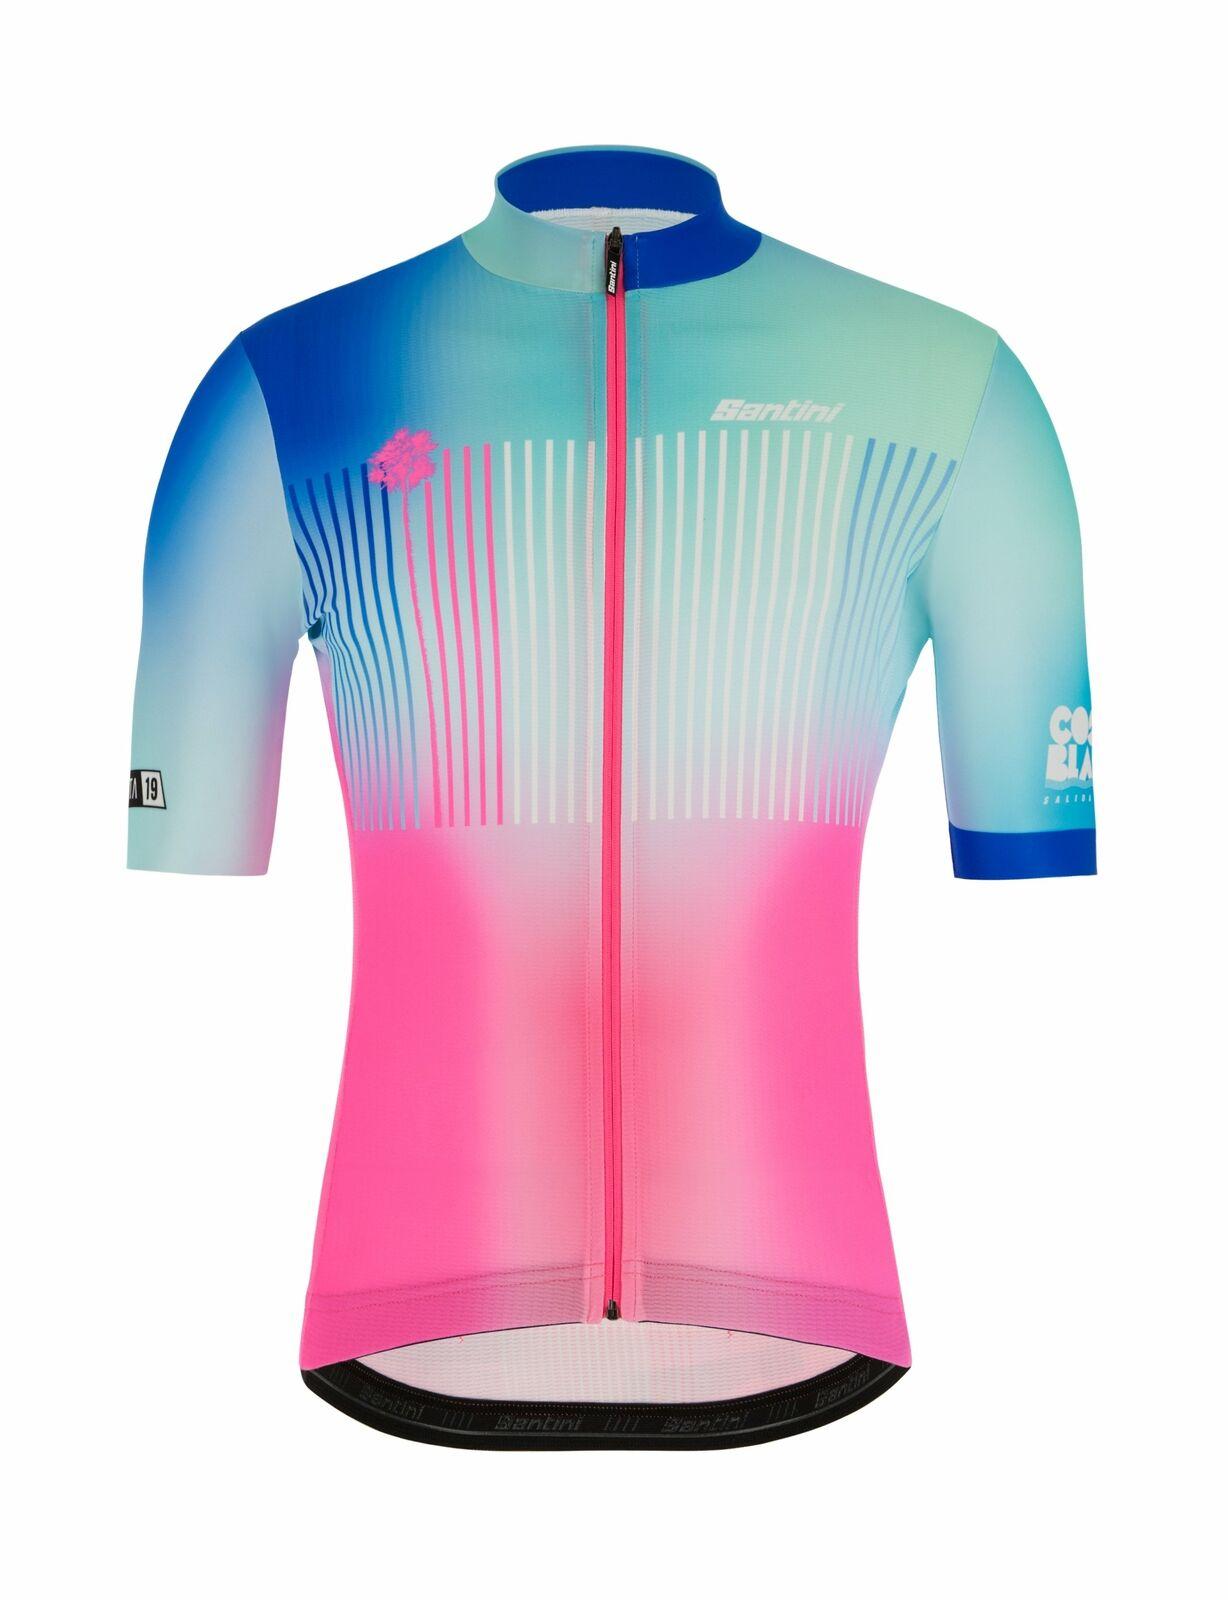 2019 La Vuelta Costa blancoa para Ciclismo Jersey por Santini